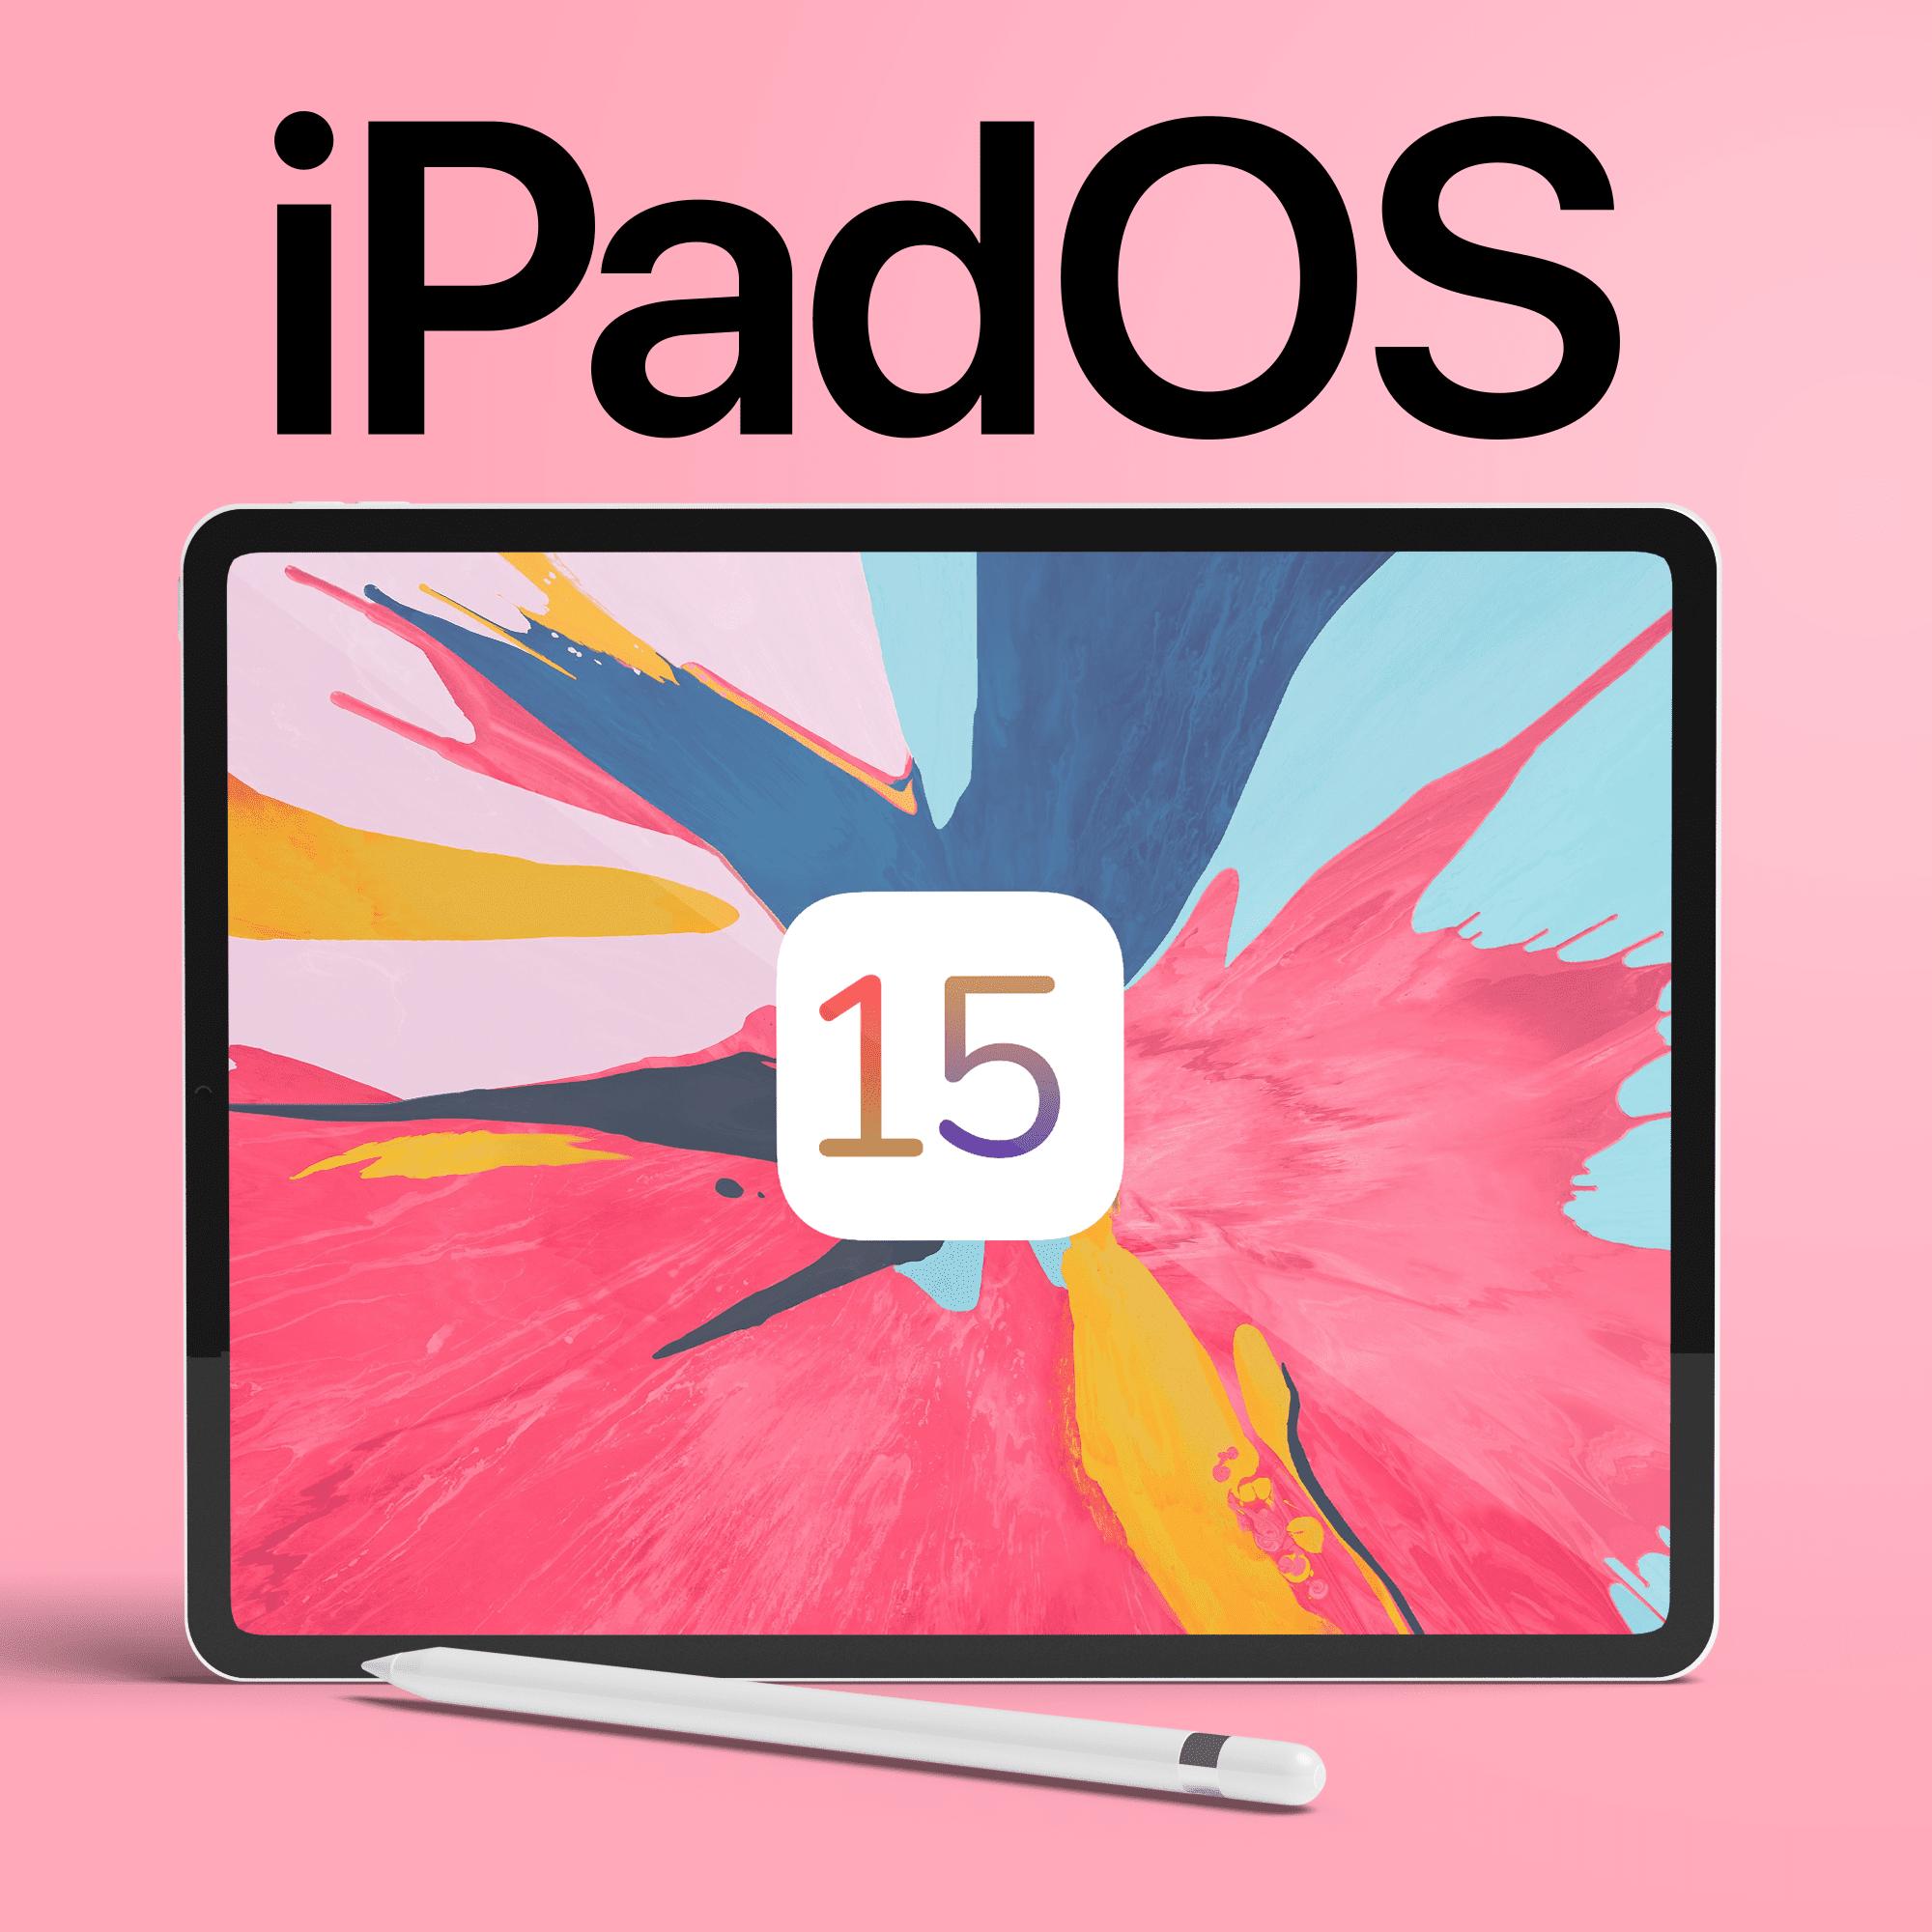 تثبيت الإصدار التجريبي من iPadOS 15